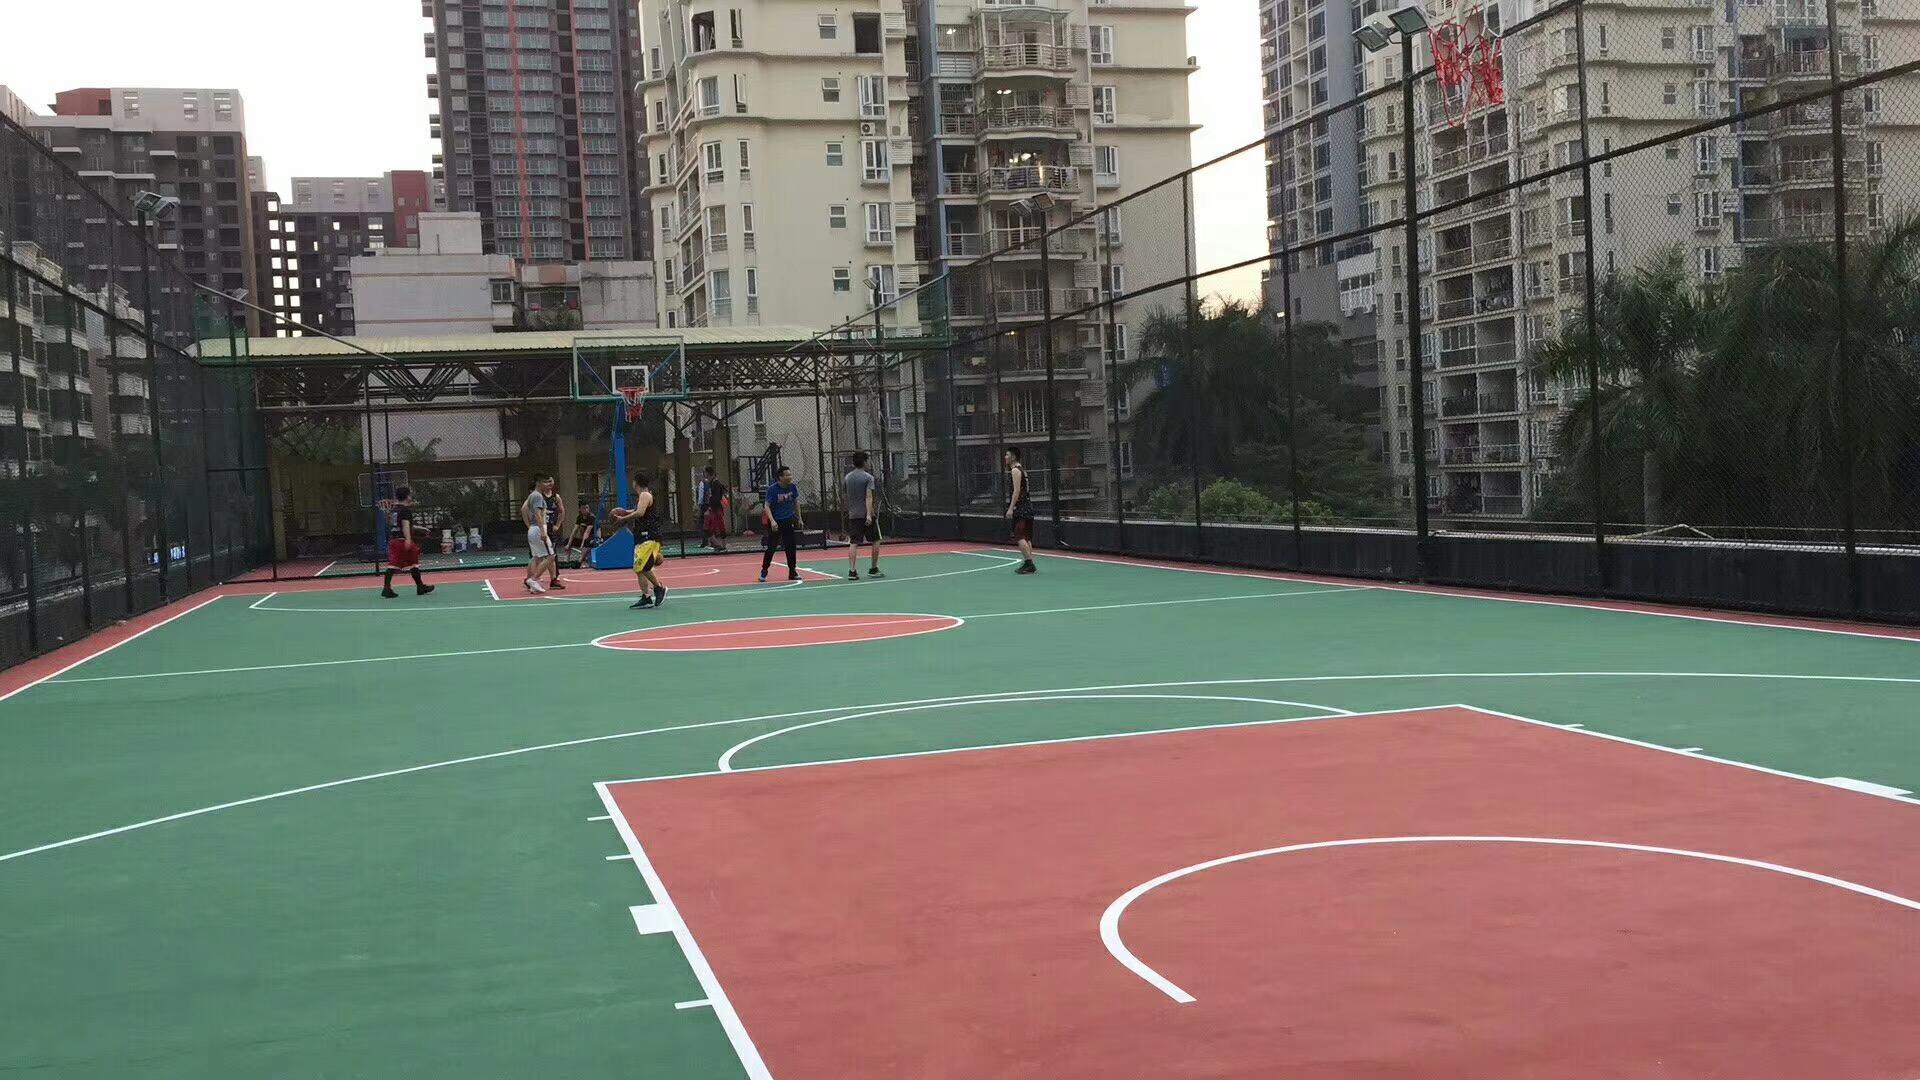 【龙飞篮球训练营】- 万科校区